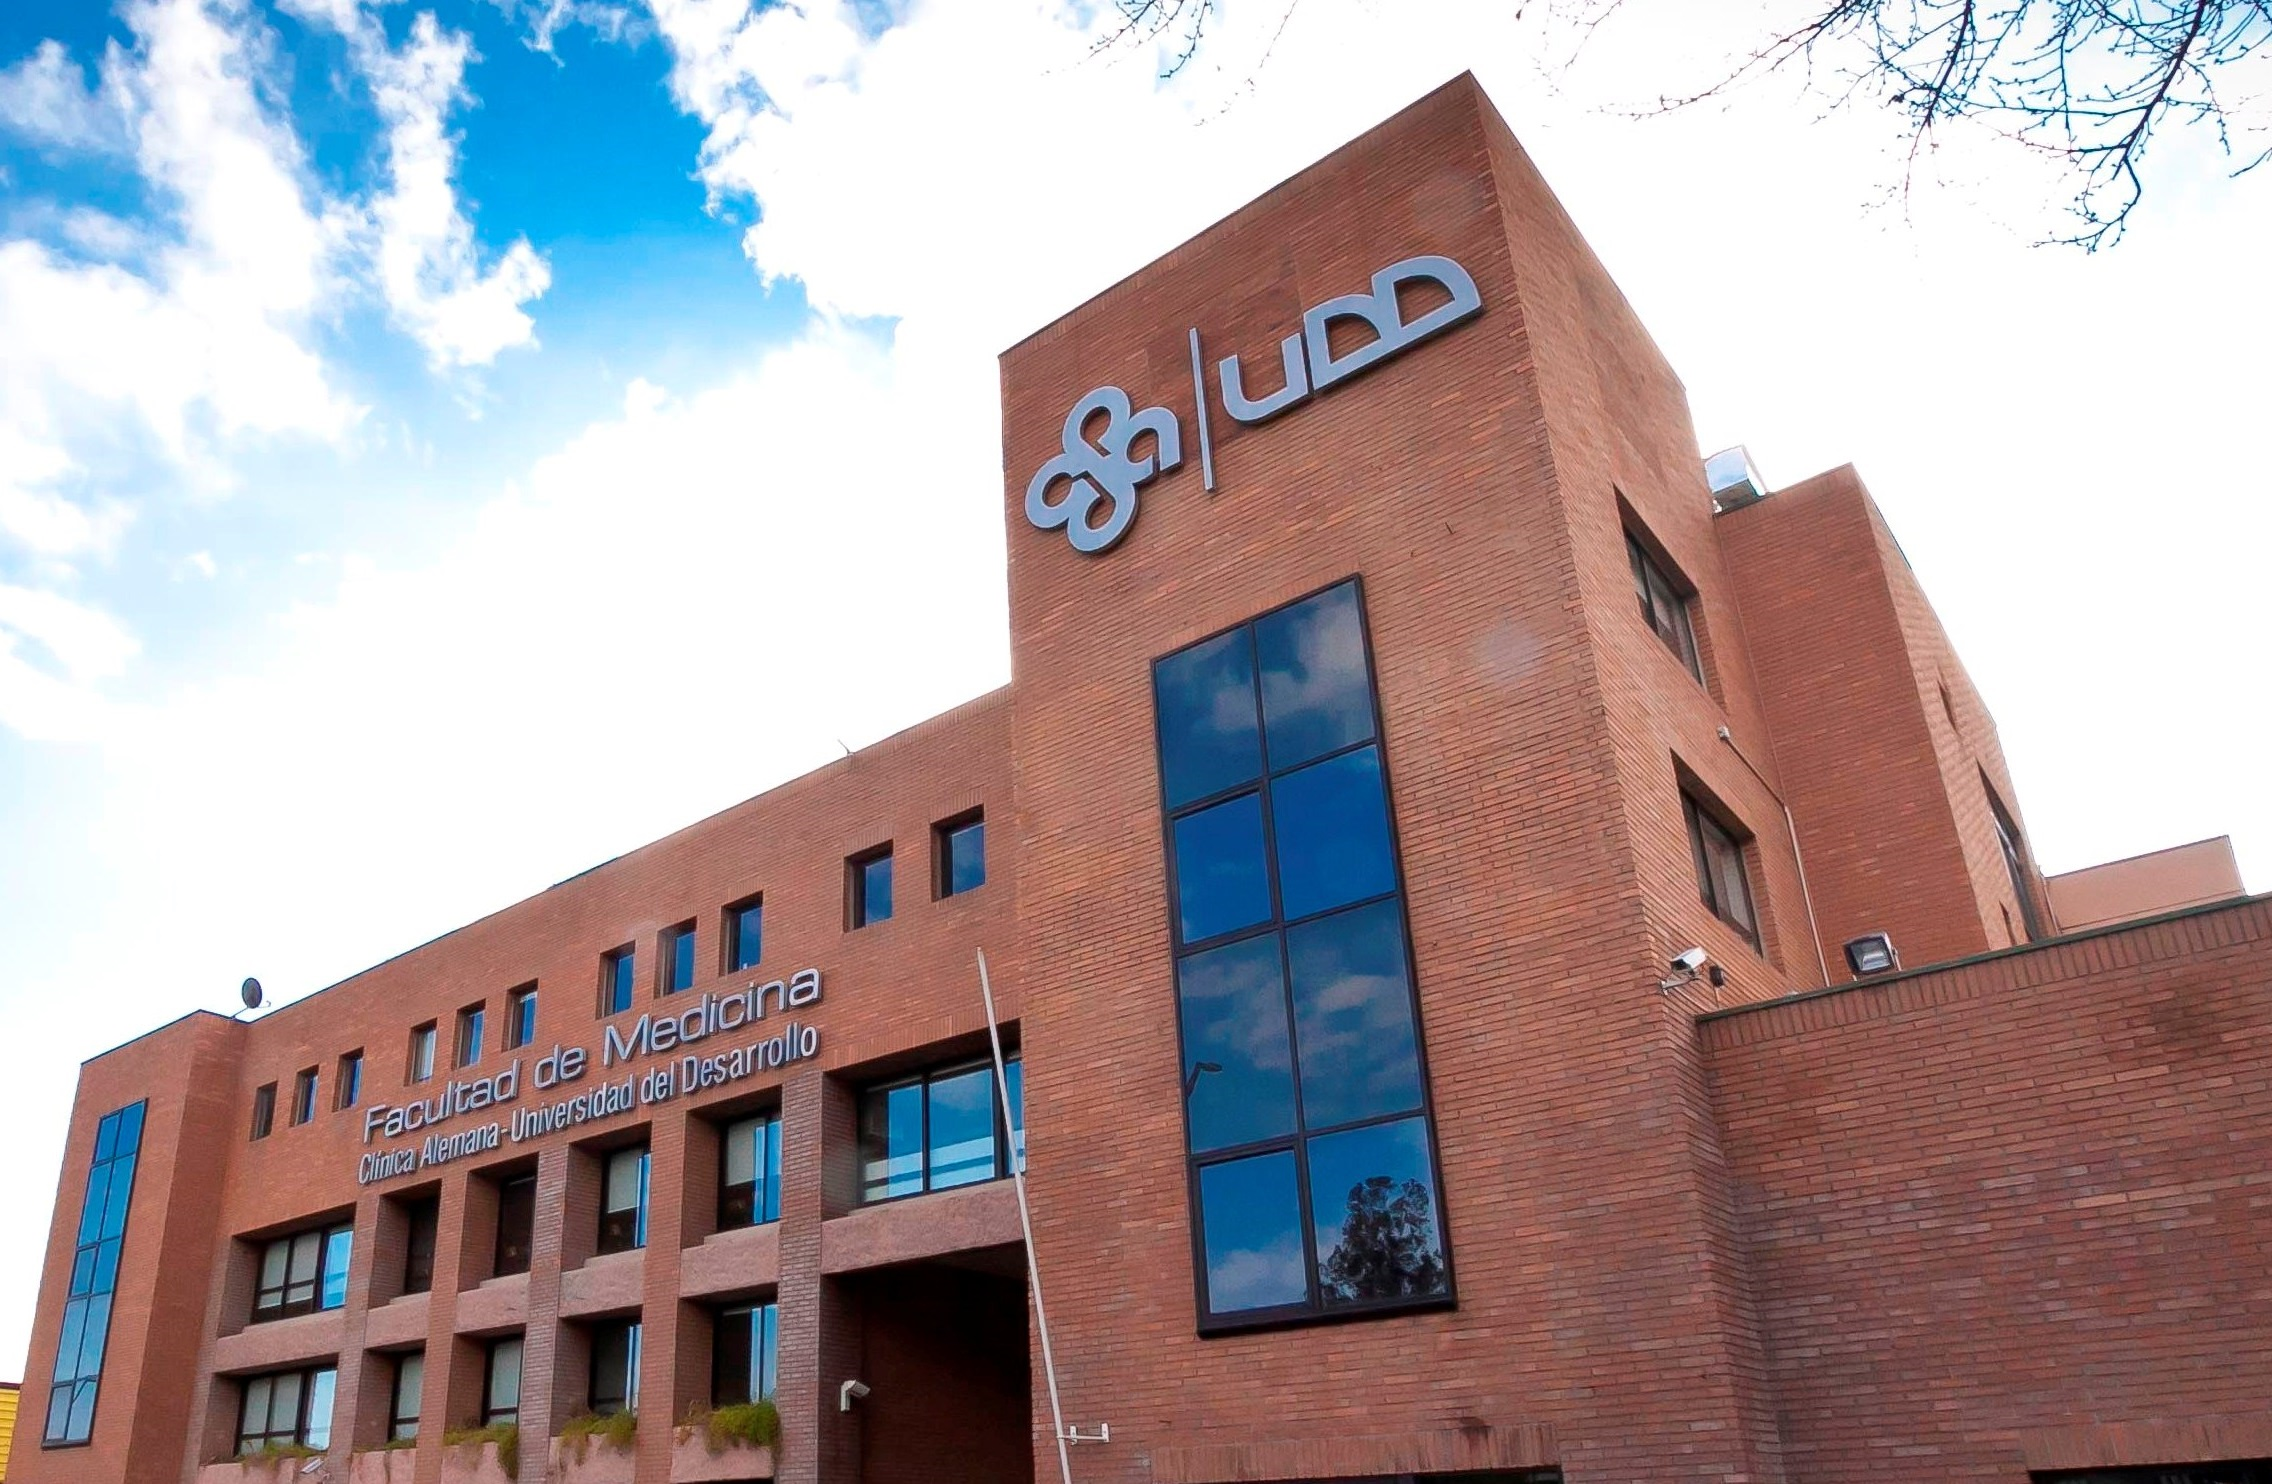 Udd: Medicina UDD Recibe Acreditación Por 6 Años